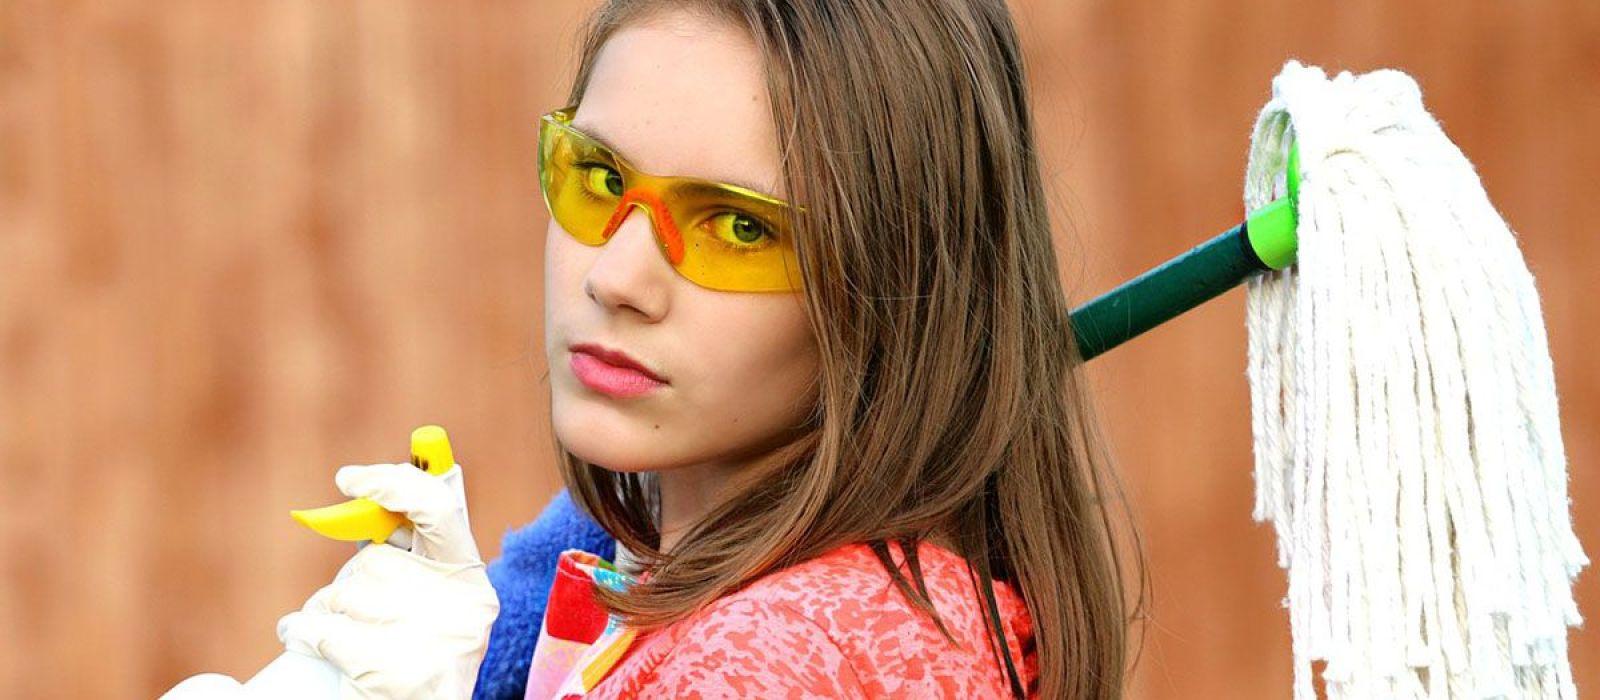 Hoe kan je slim besparen op huishoudelijke artikelen?